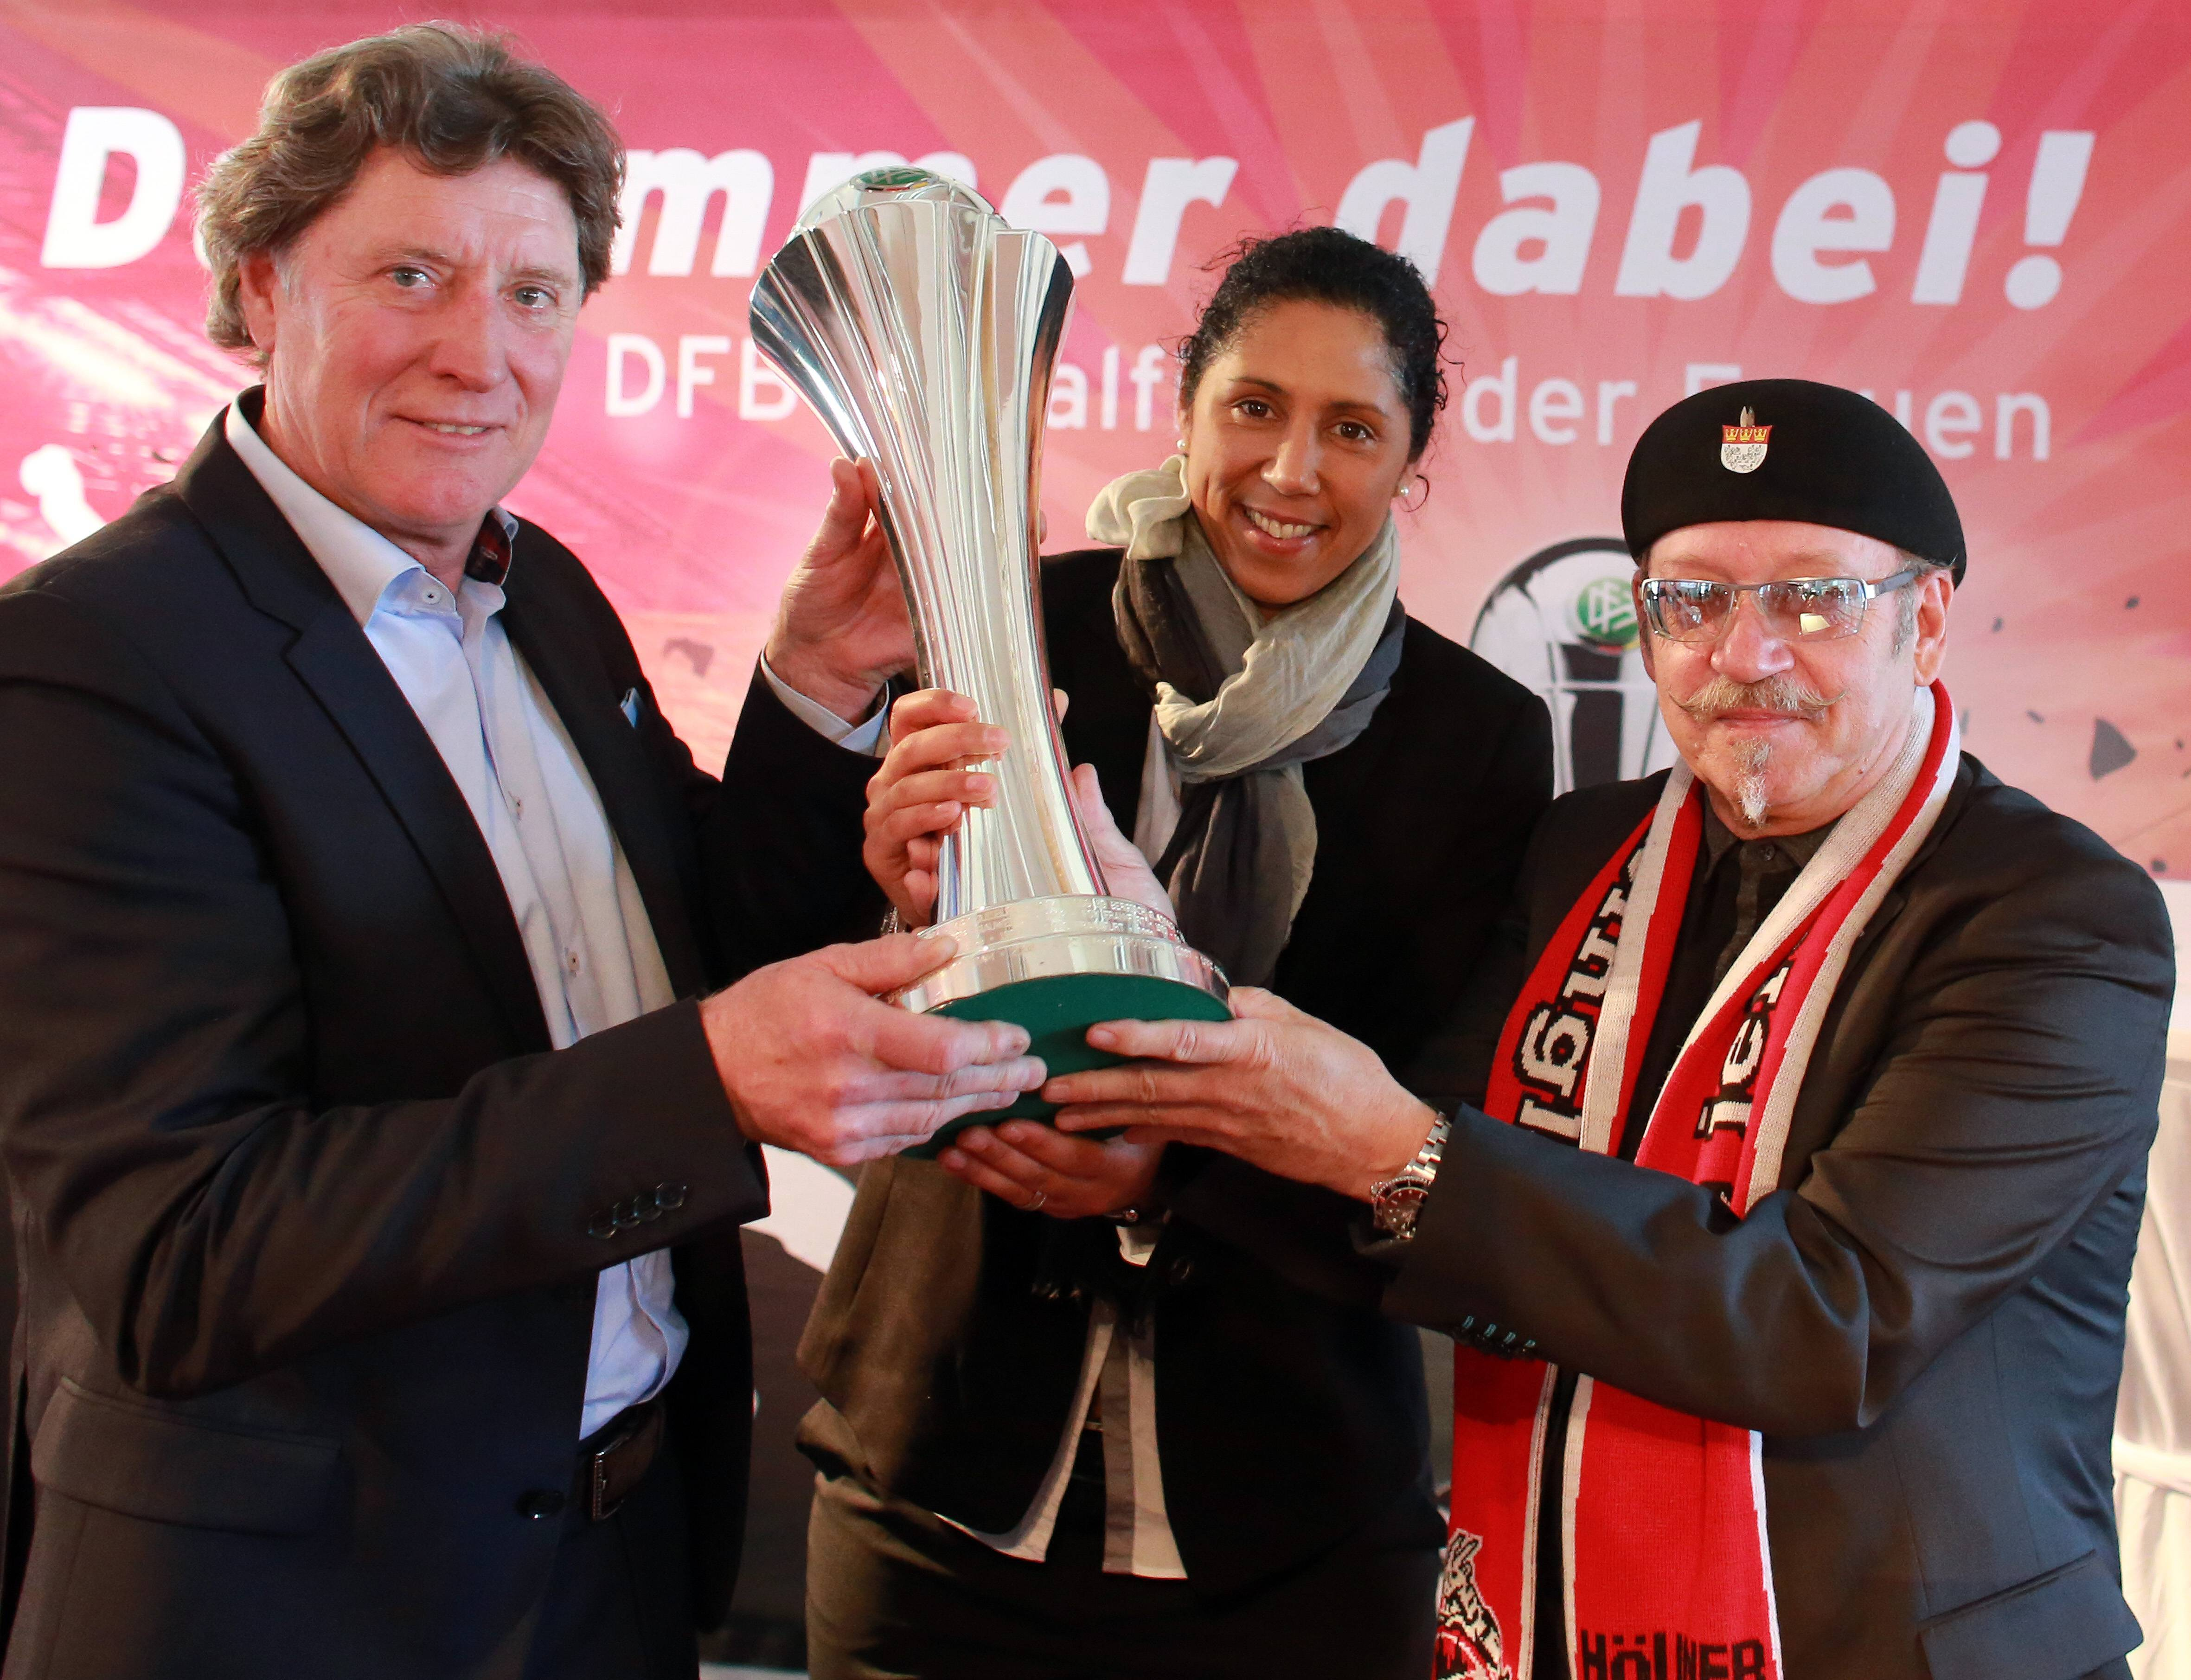 2013 übergab Steffi Jones den DFB-Pokal an Toni Schumacher und Janus Fröhlich